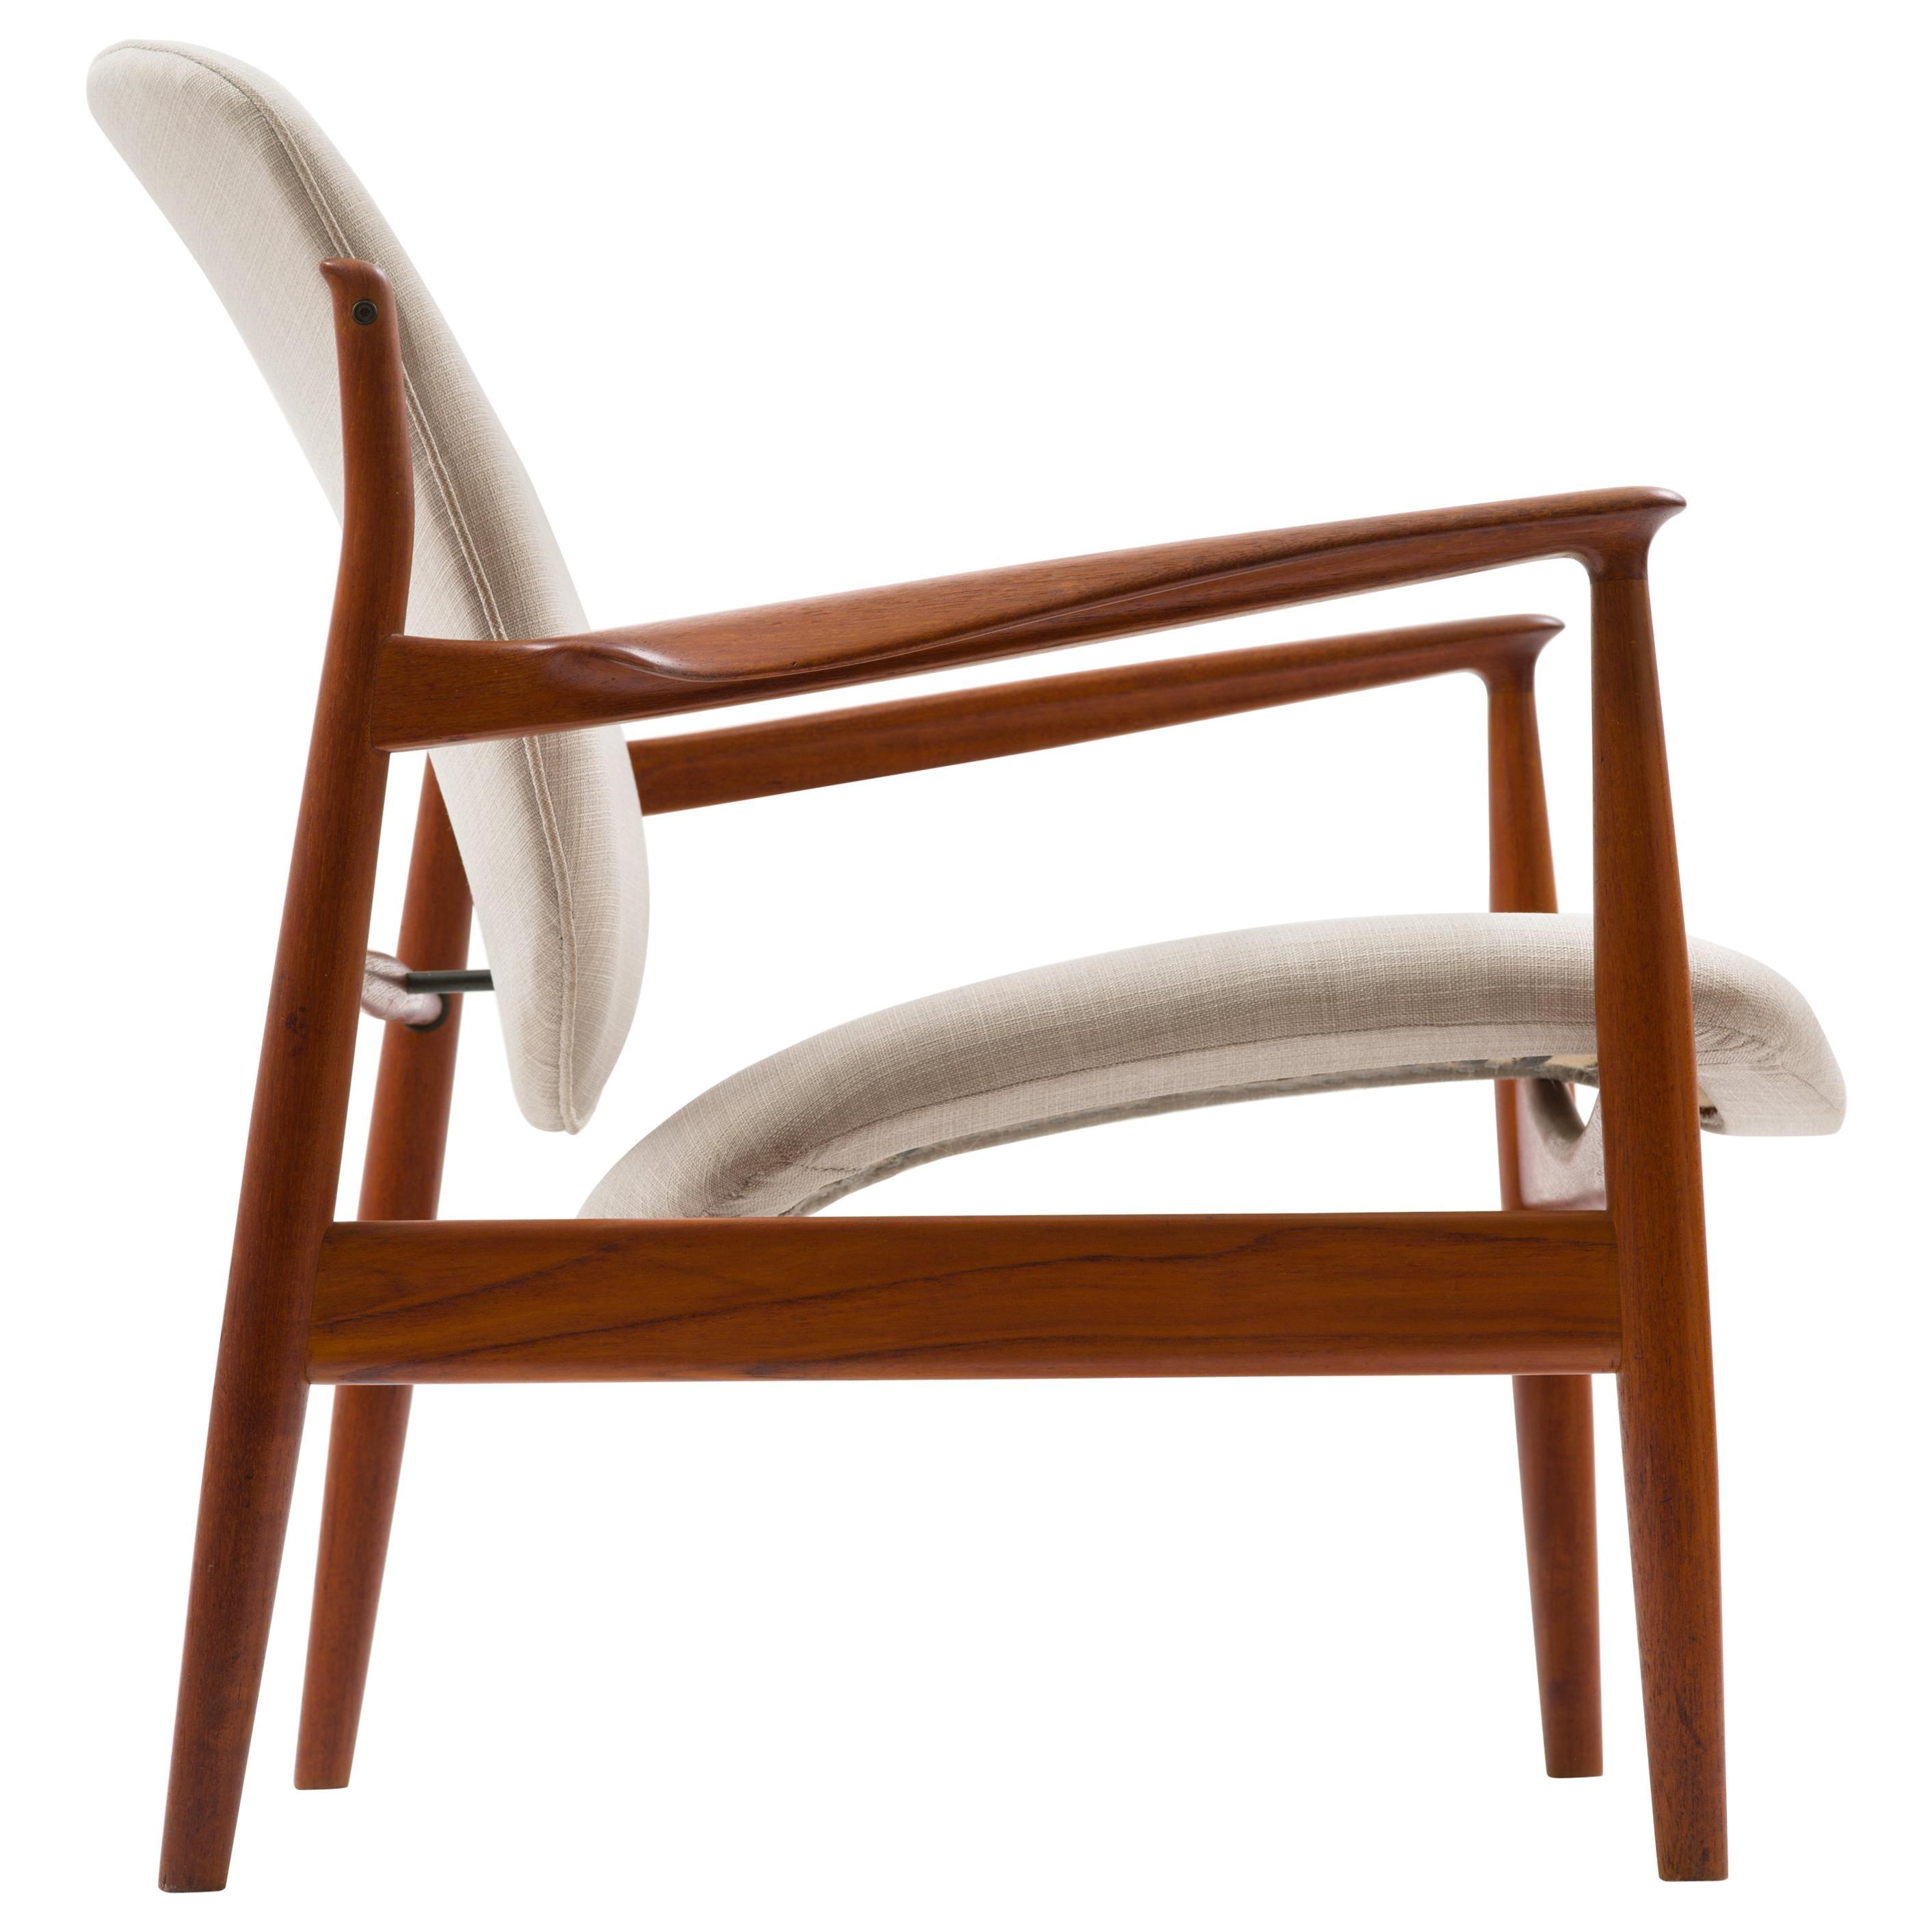 Finn Juhl Lounge Chair Model FD 136 in Teak